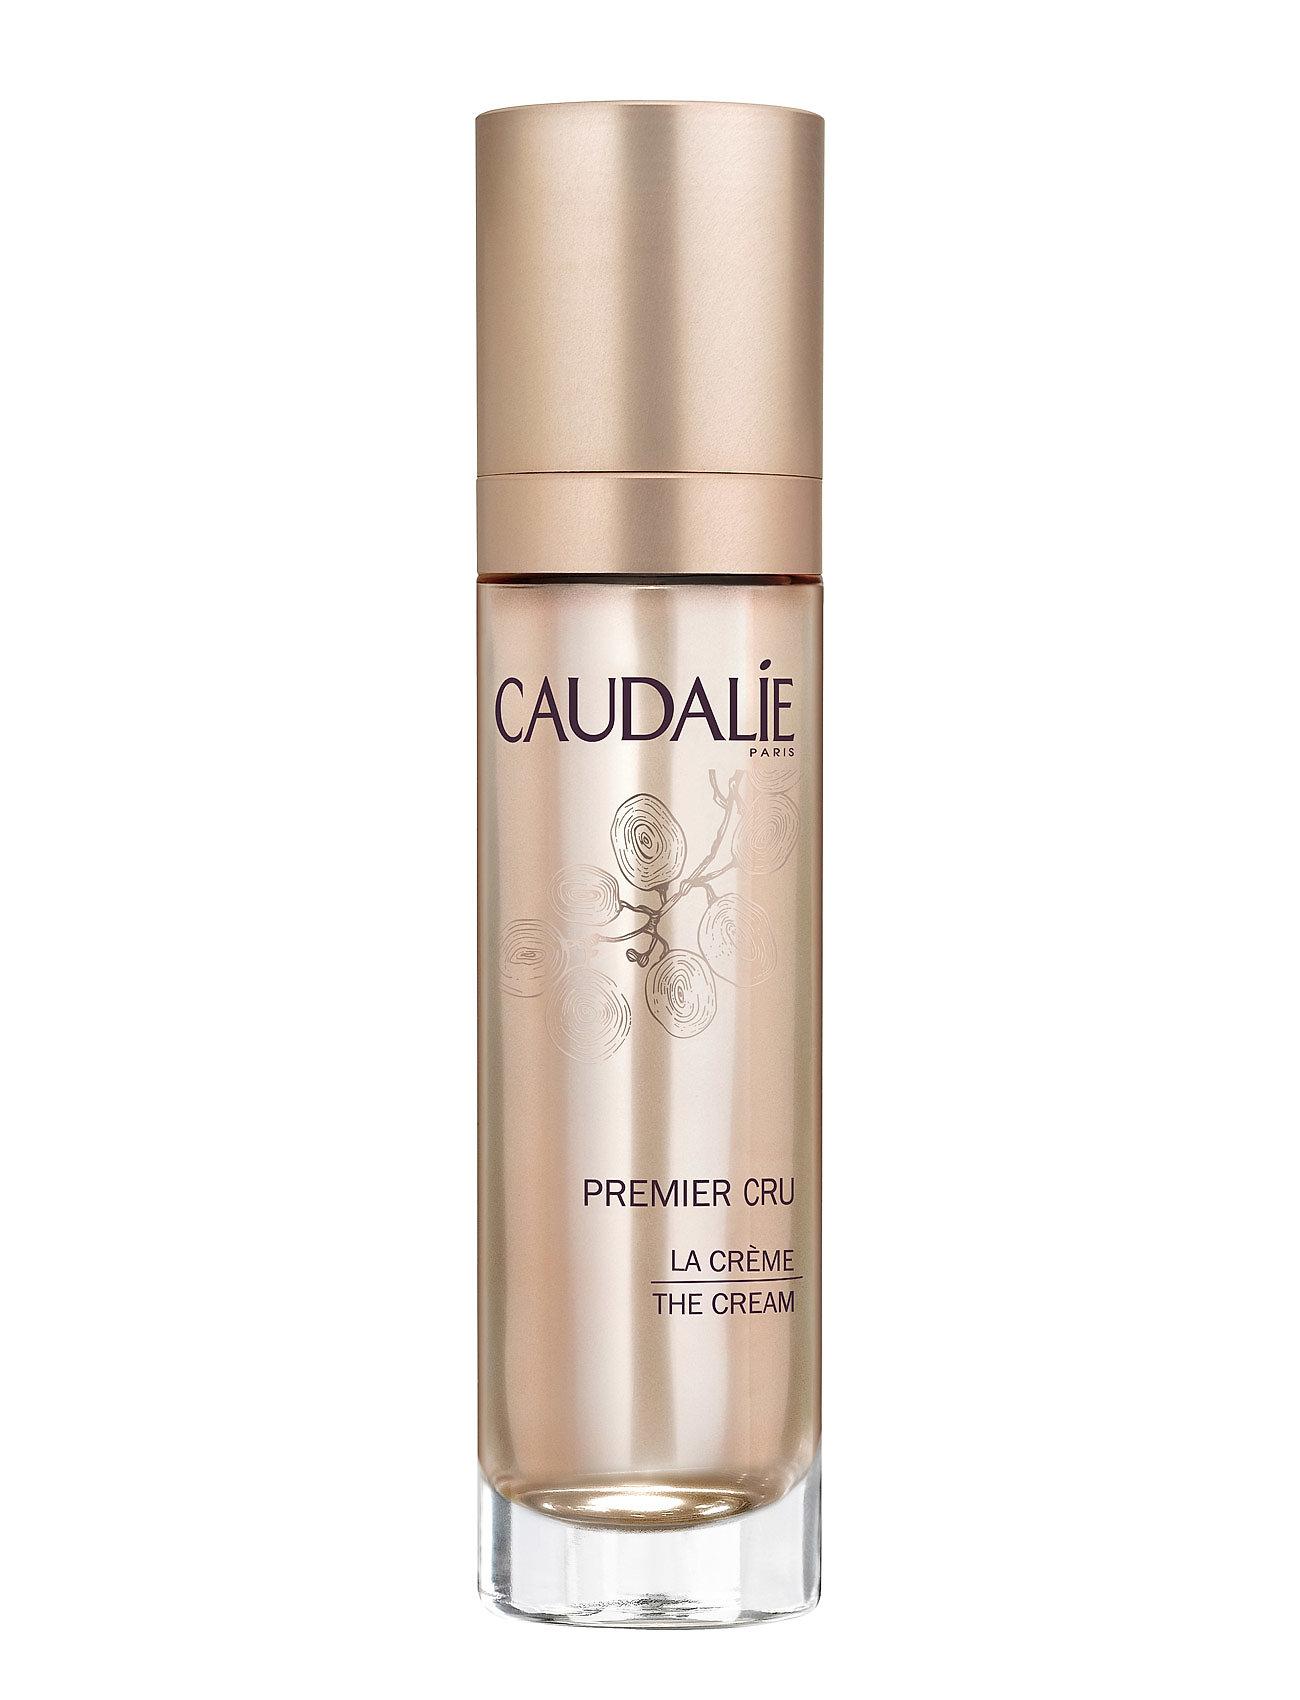 CAUDALIE Premier Cru the Cream - CLEAR